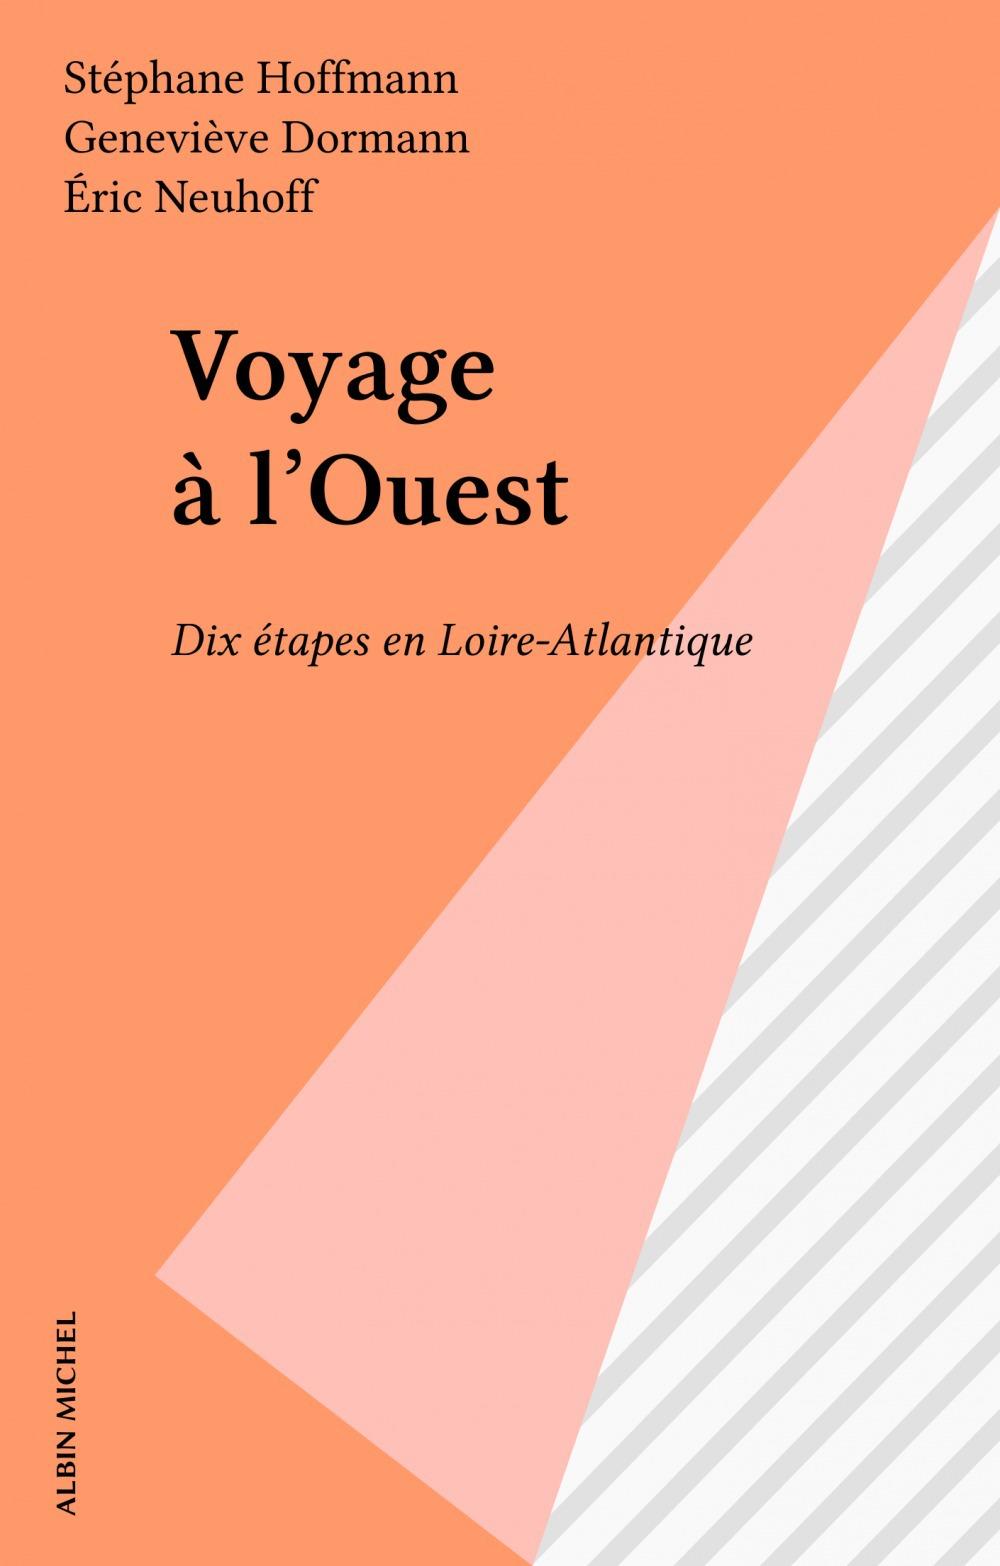 Voyage a l'ouest ; dix etapes en loire-atlantique